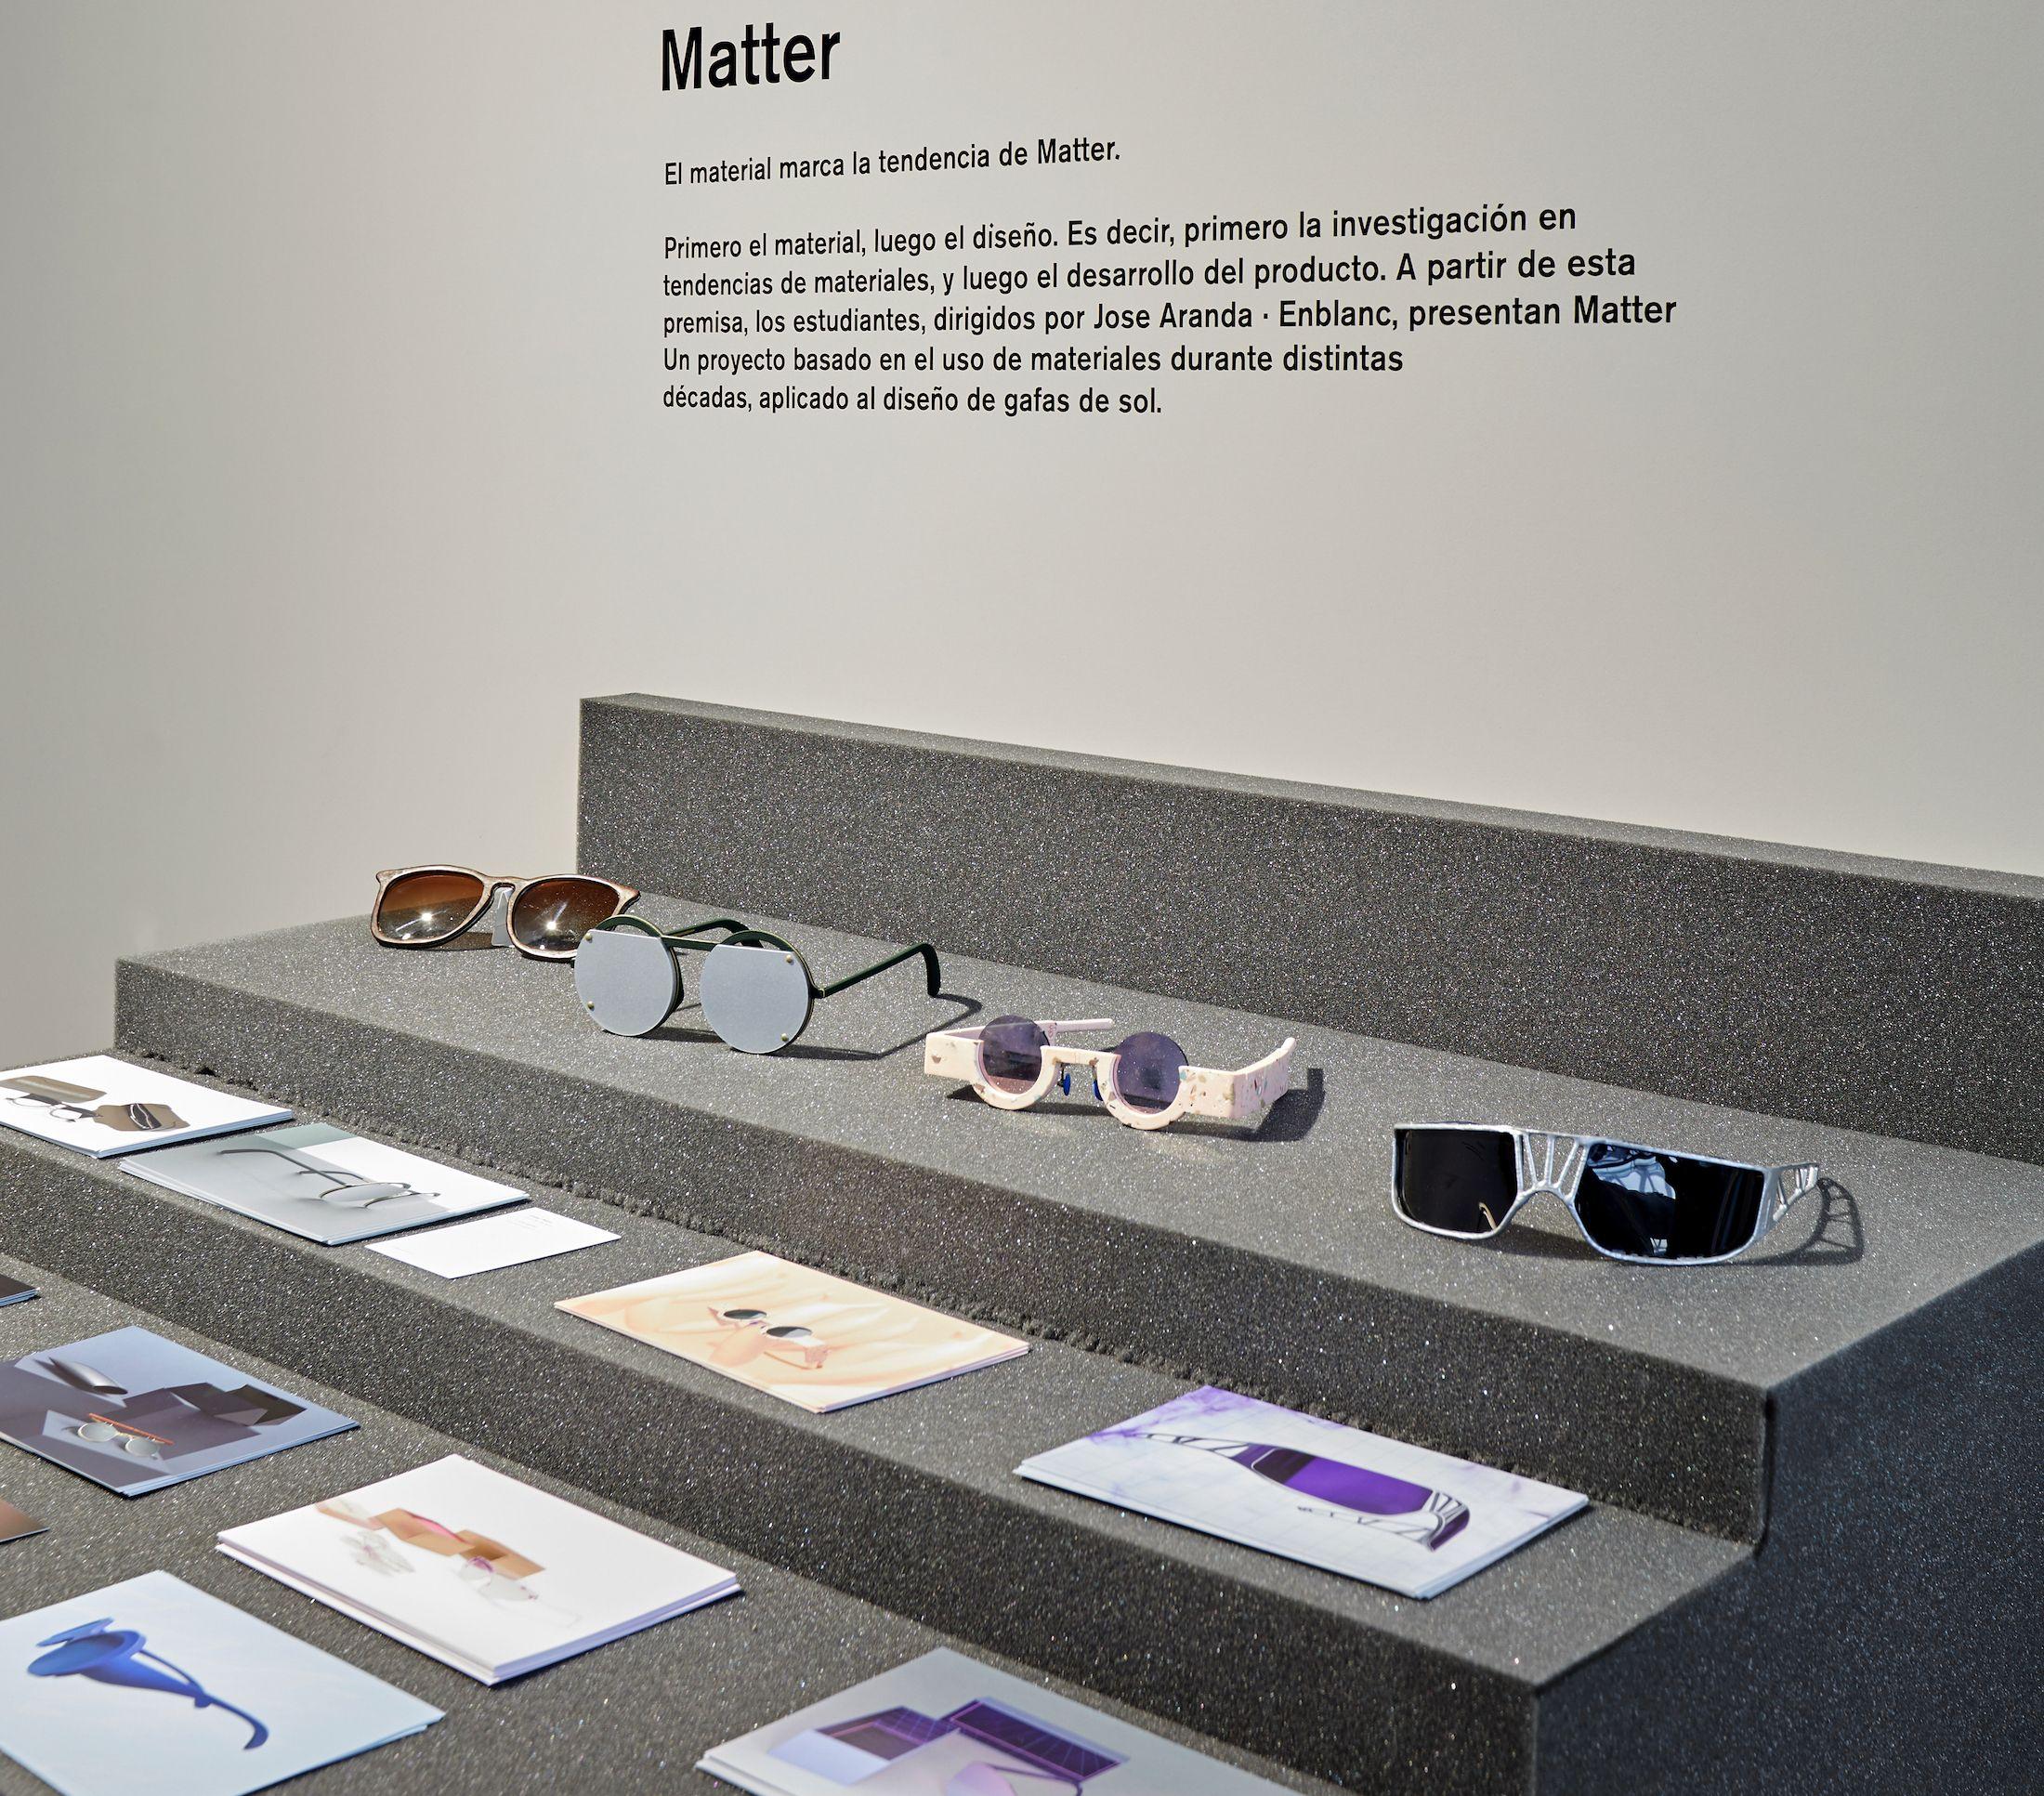 Diseños Matter, impresos en 3D, de los estudiantes del Máster en Diseño de Producto del CEU.